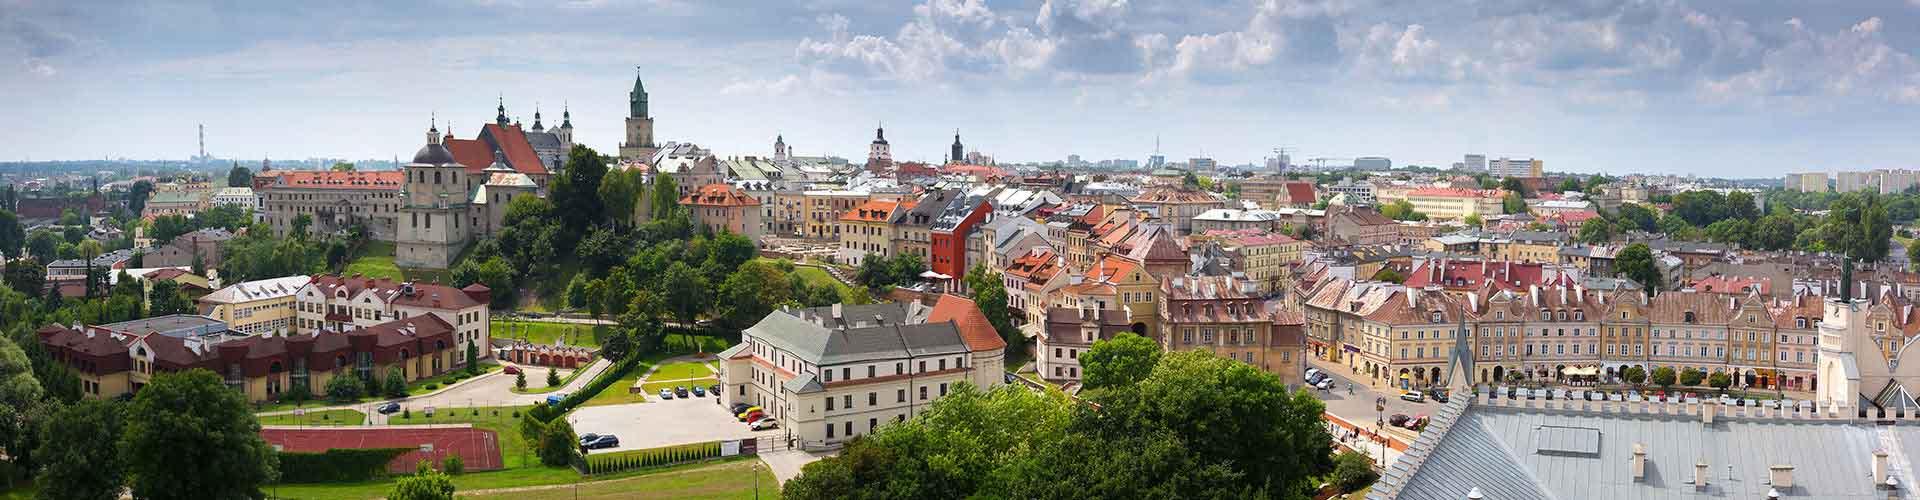 Lublin - Habitaciones en Lublin. Mapas de Lublin, Fotos y comentarios de cada Habitación en Lublin.